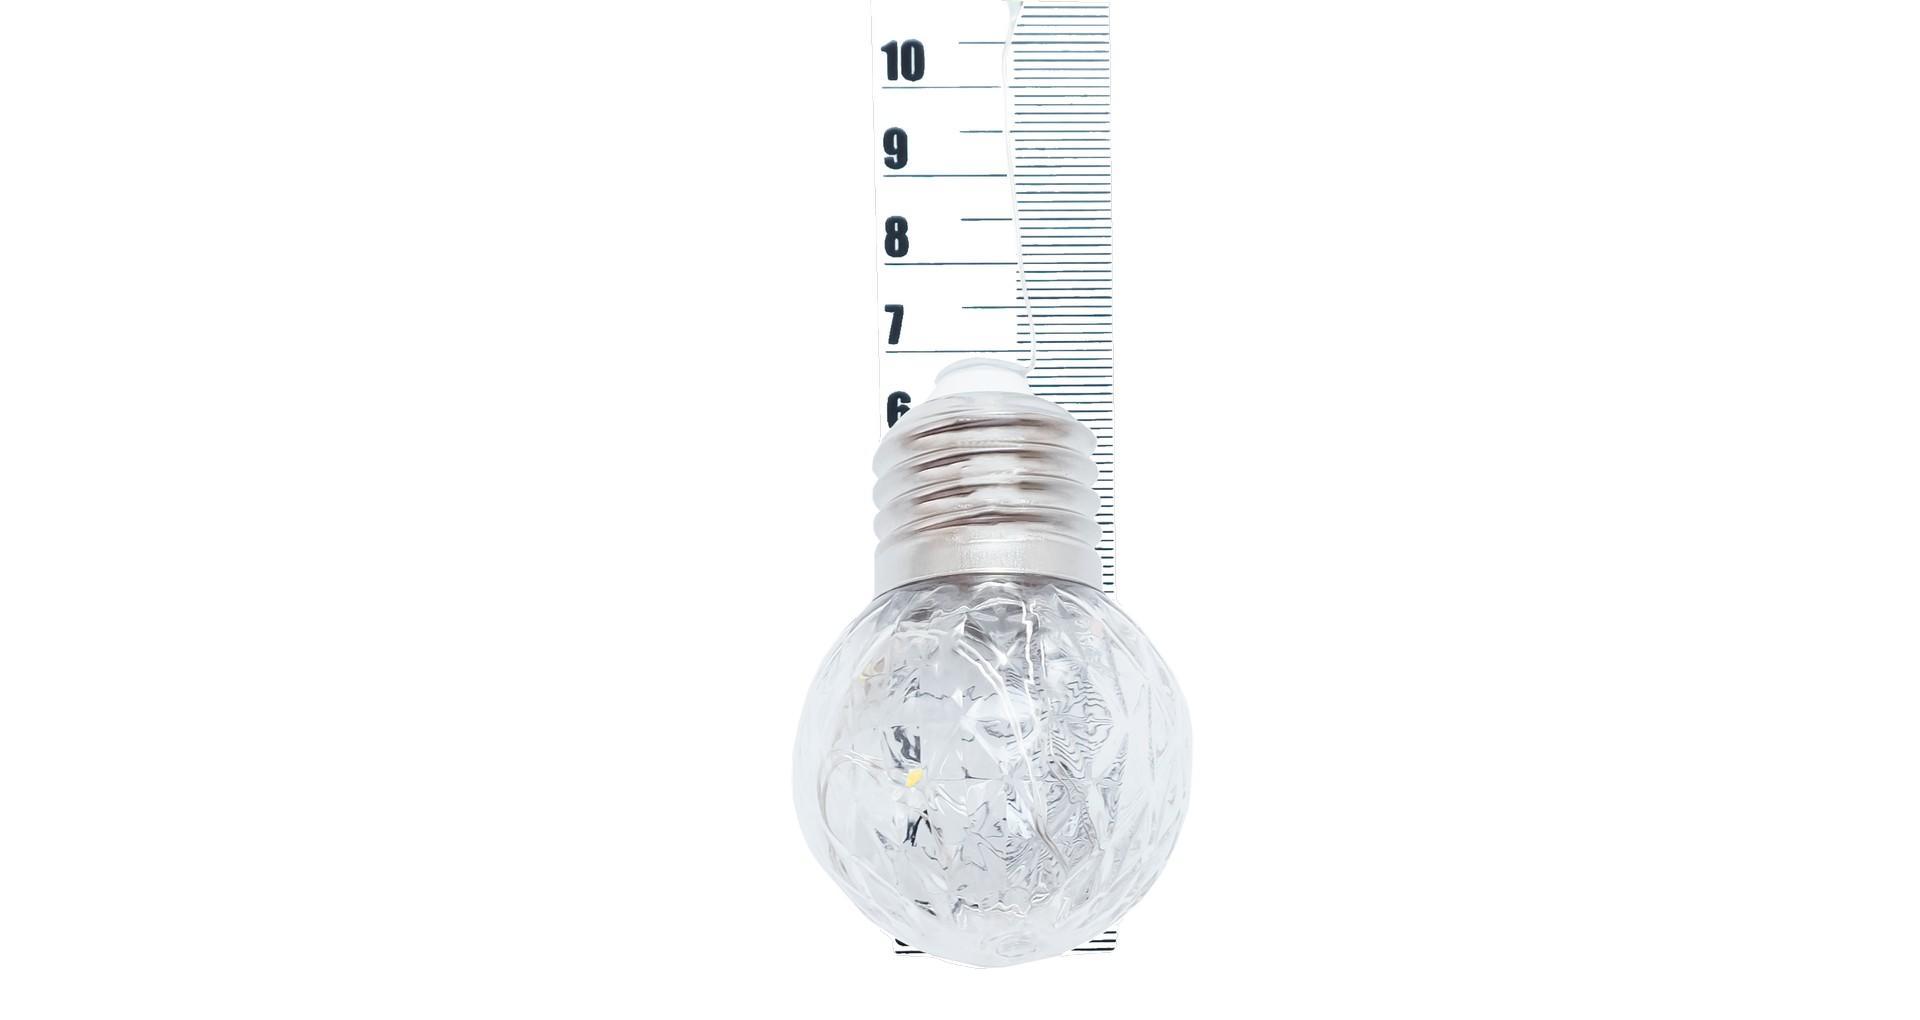 Гирлянда-дождик светодиодная NY - 129 LED Curtion Color 2